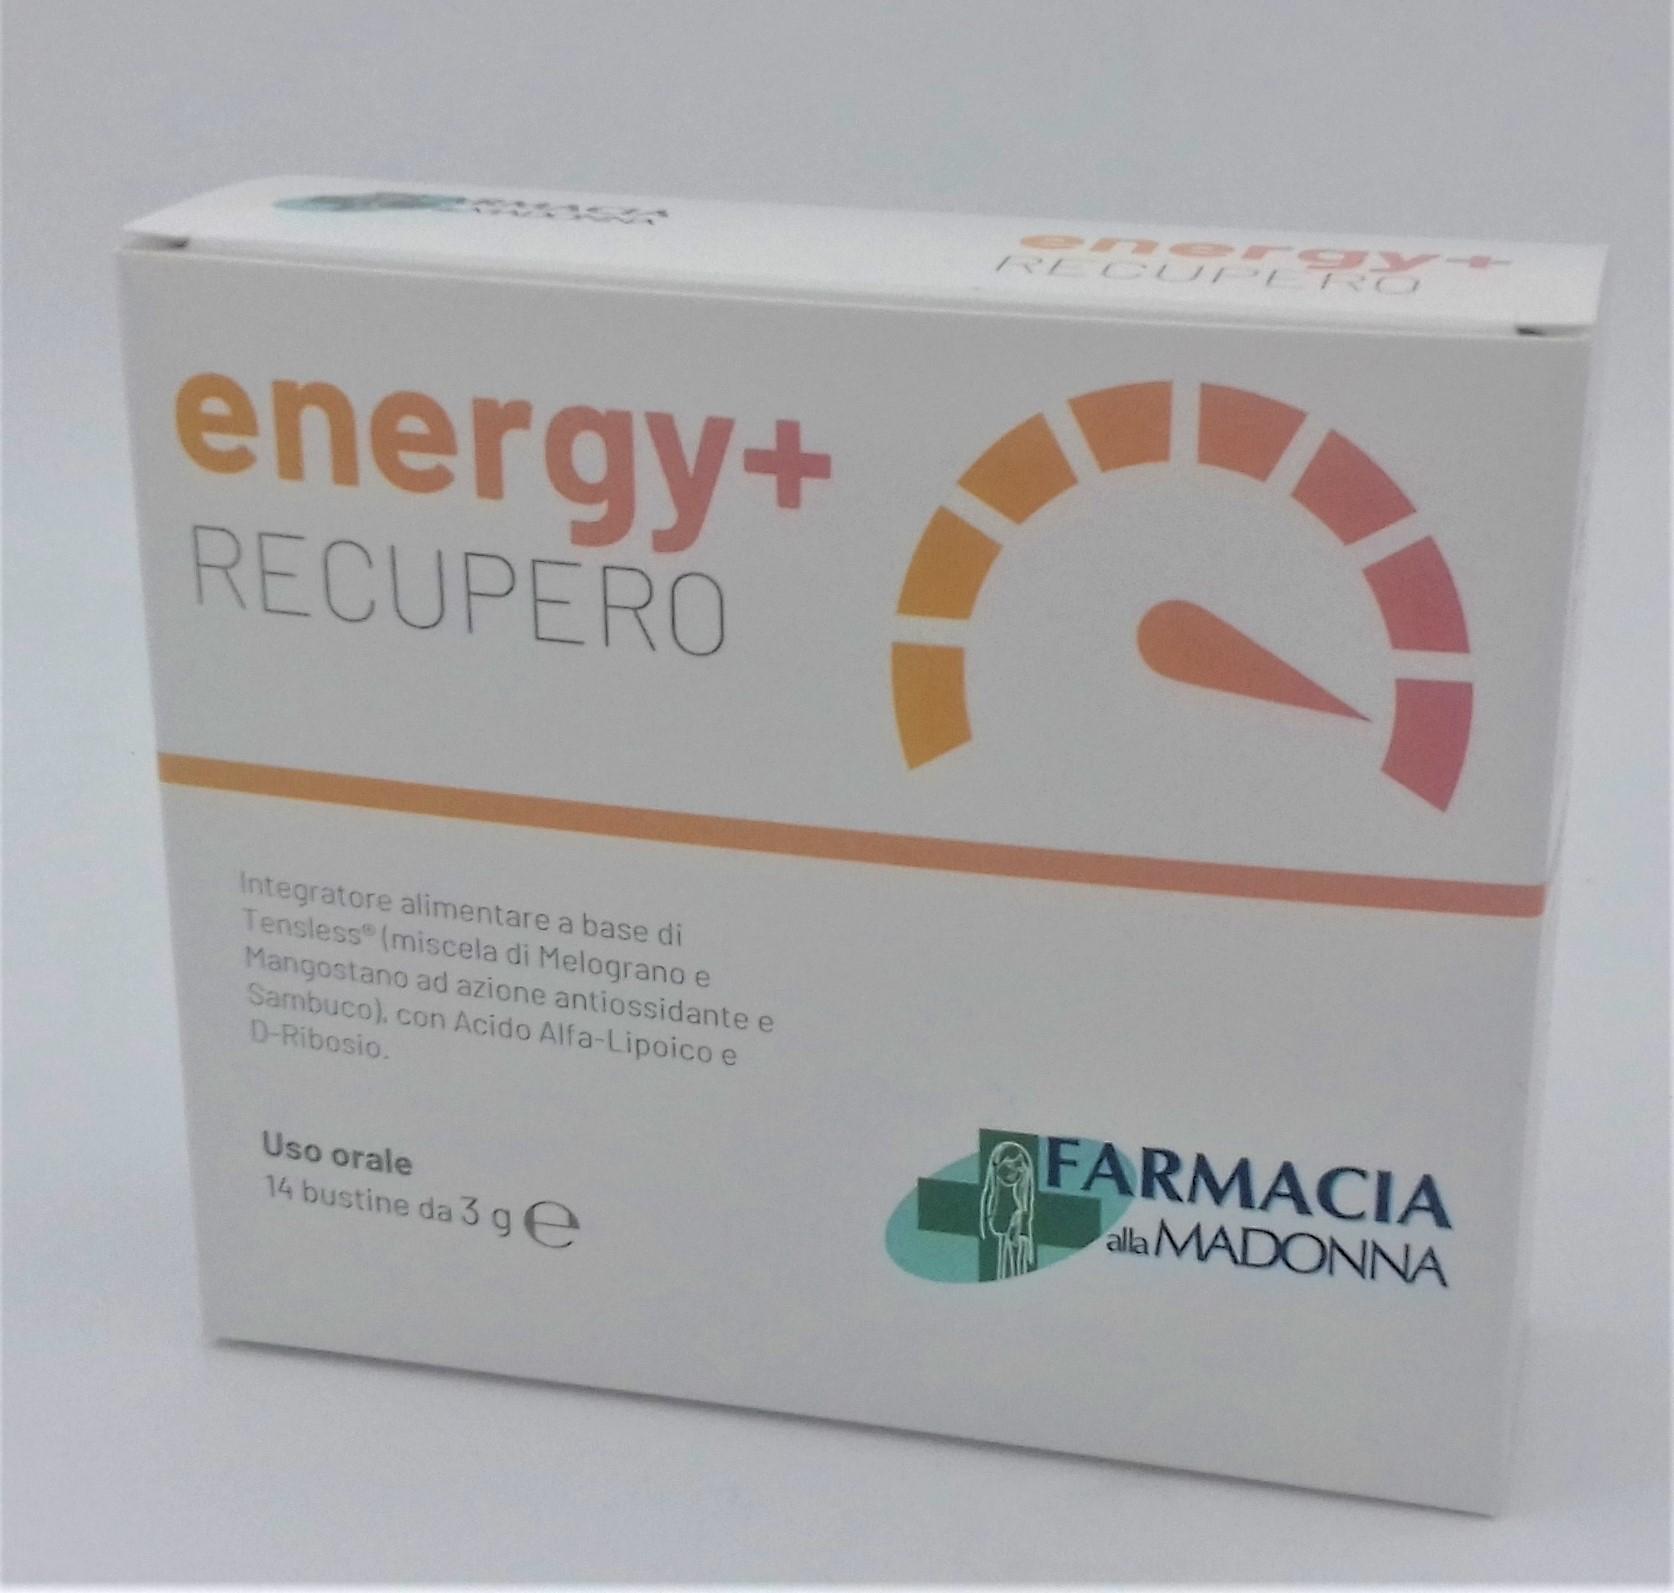 ENERGY+ RECUPERO 14 BUSTINE